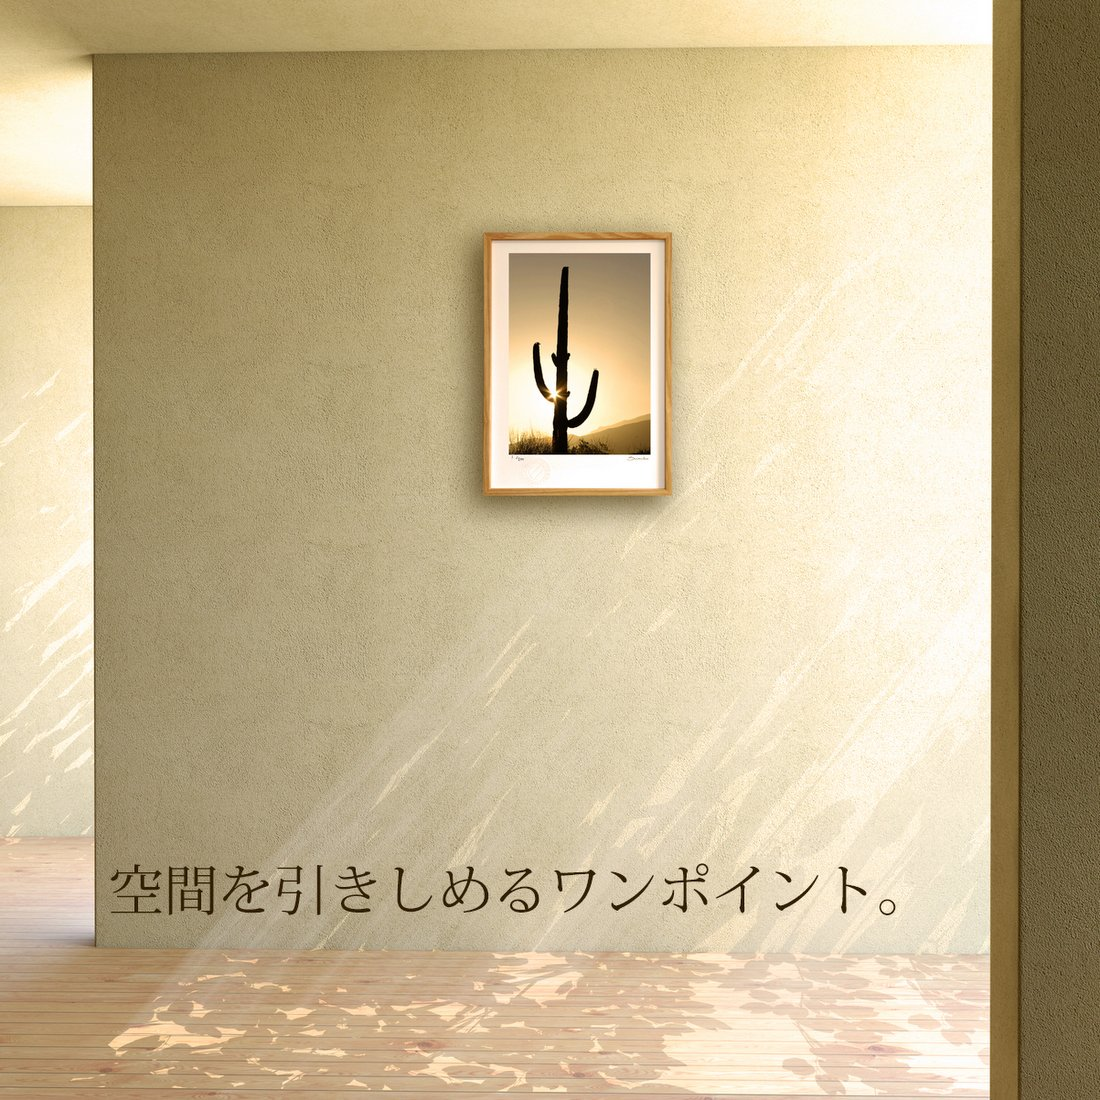 【版画 絵画】カクタスアート1(スミコ スコット)/インテリア 壁掛け 額入り アート アートパネル アートフレーム